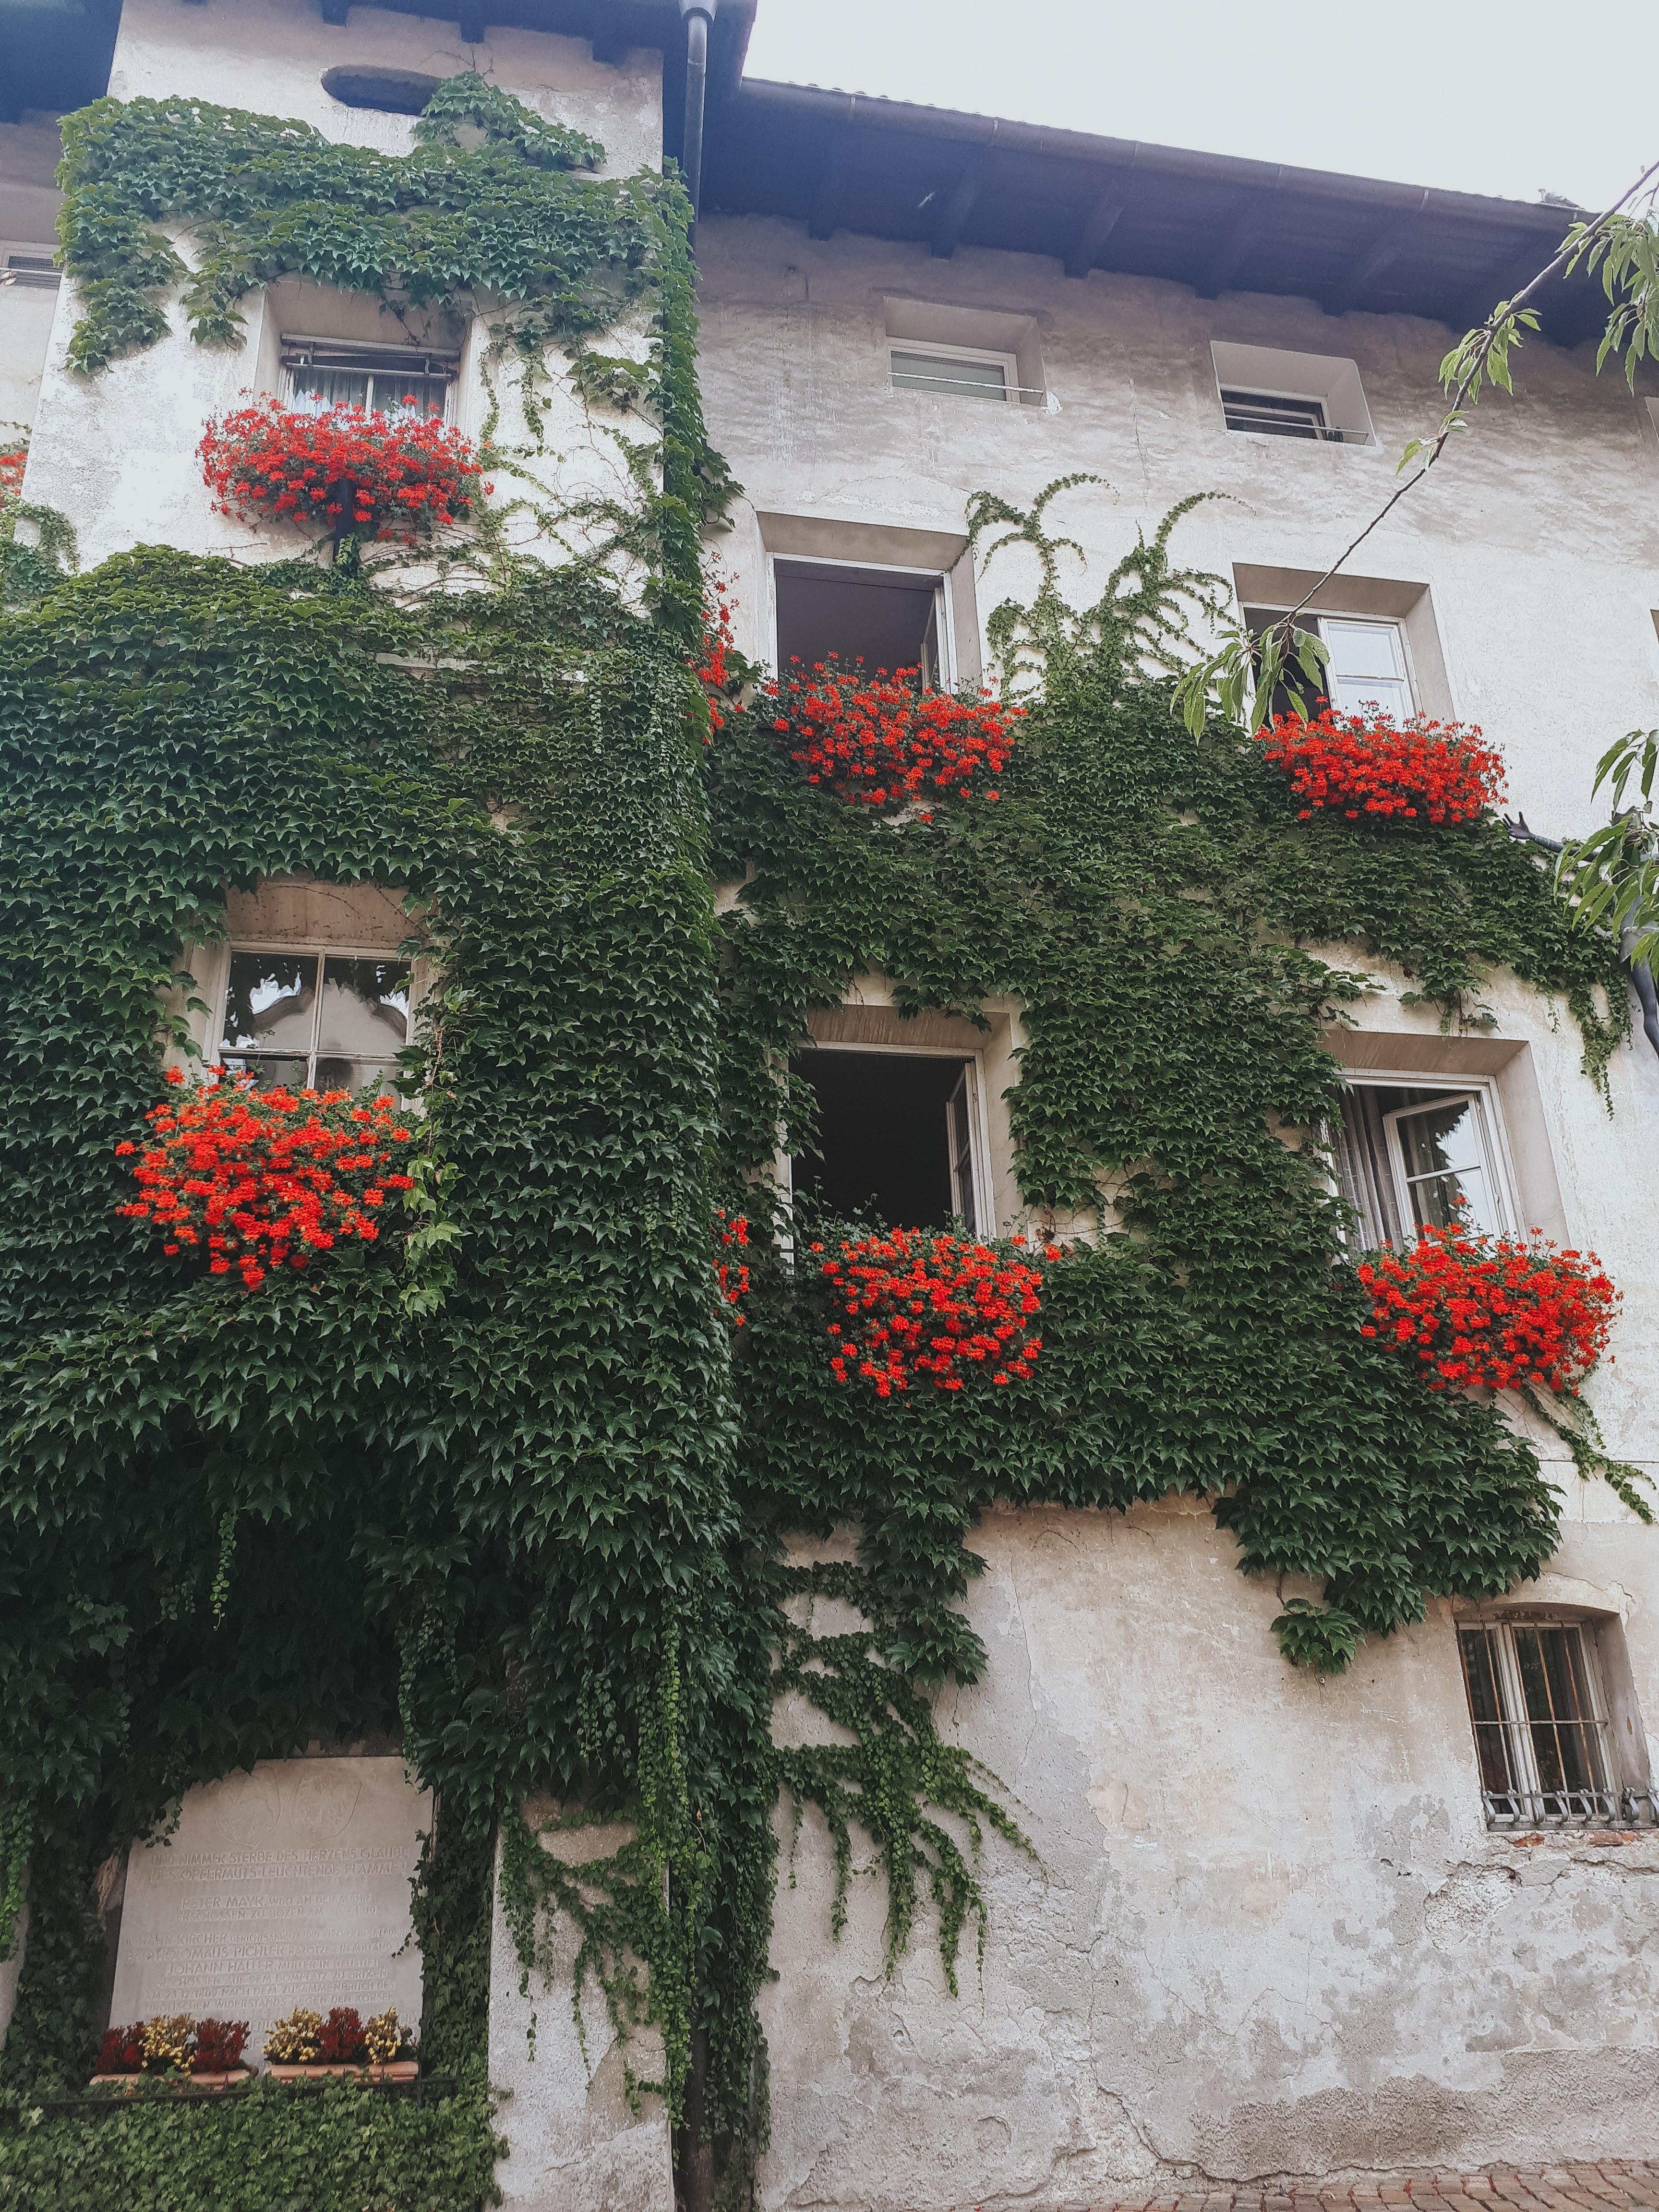 Bressanone cosa vedere: i palazzi storici di Piazza Duomo, tra finestre fiorate e rampicanti. Il verde esplode in città